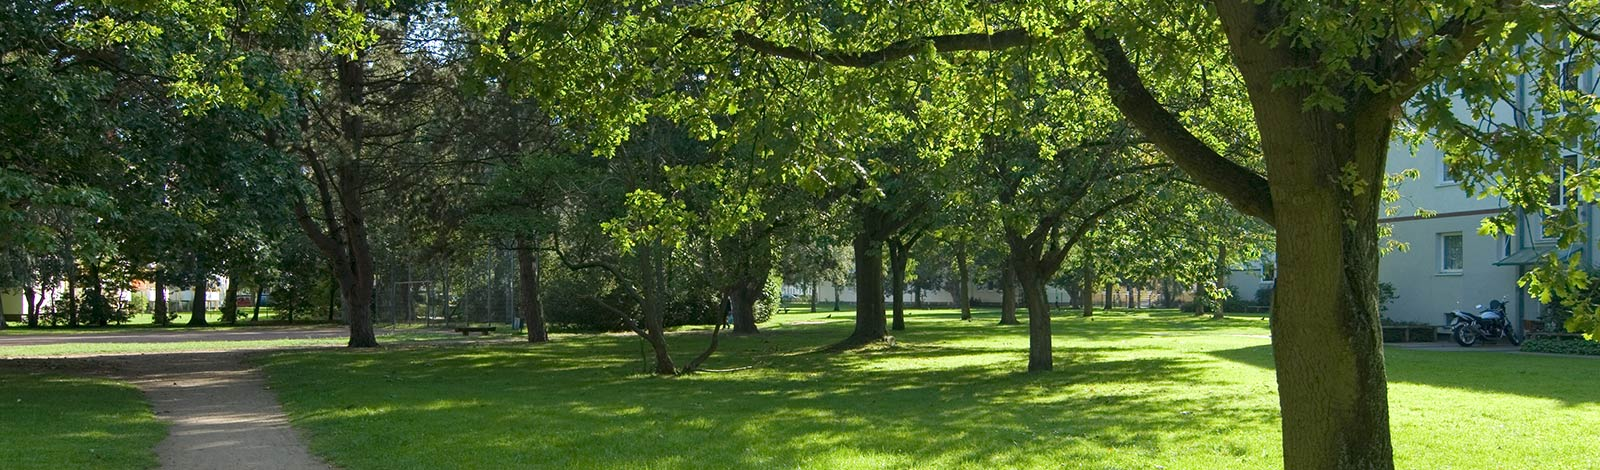 Meykopff Gartenbau Lübeck Baumpflege